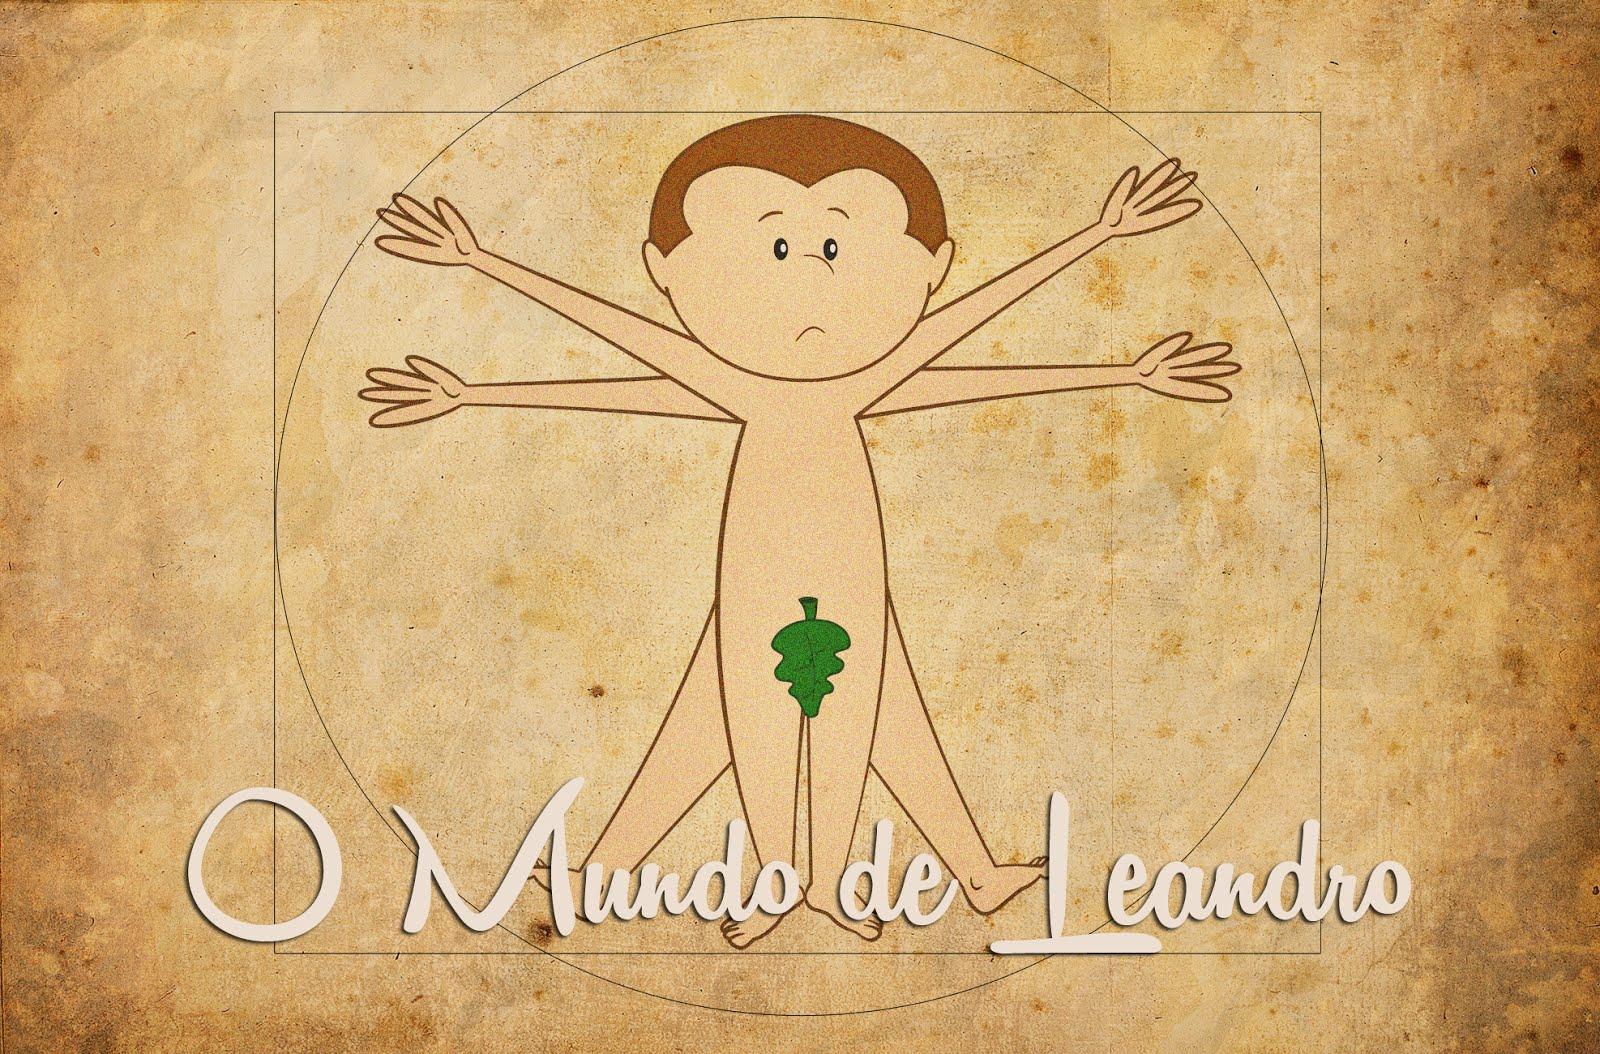 O Mundo de Leandro